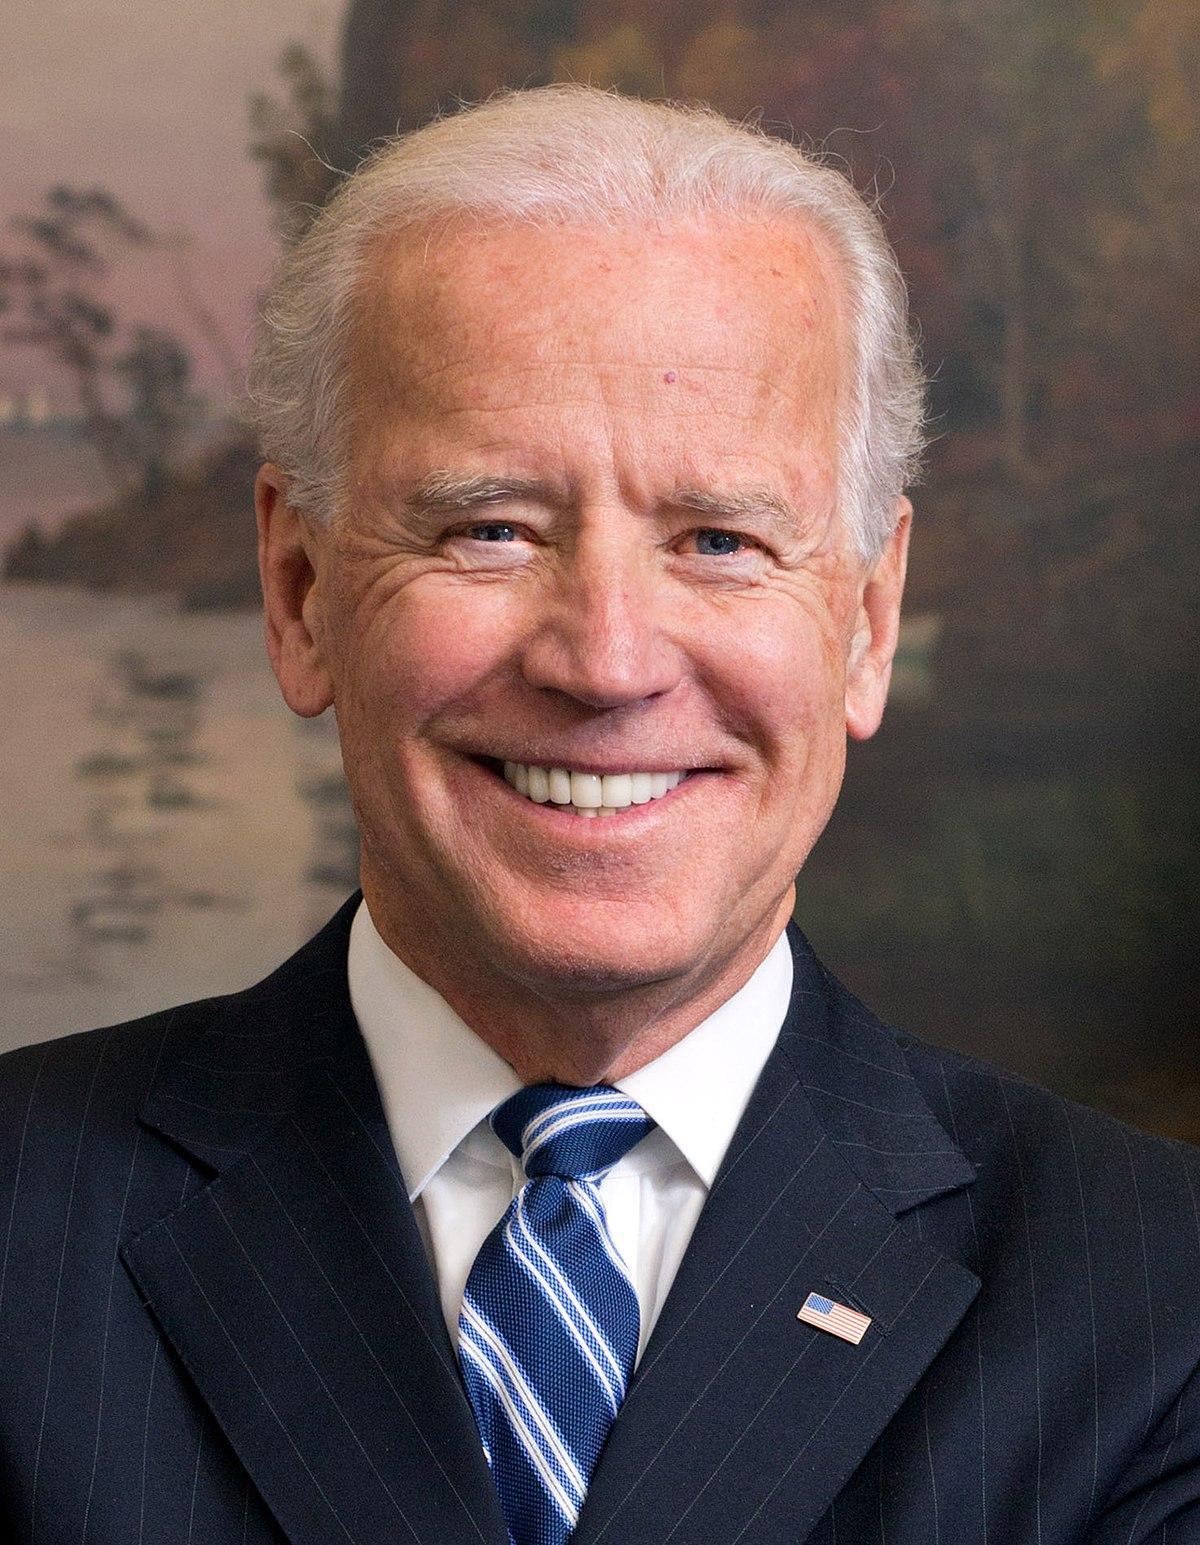 Joe Biden - Wikiquote